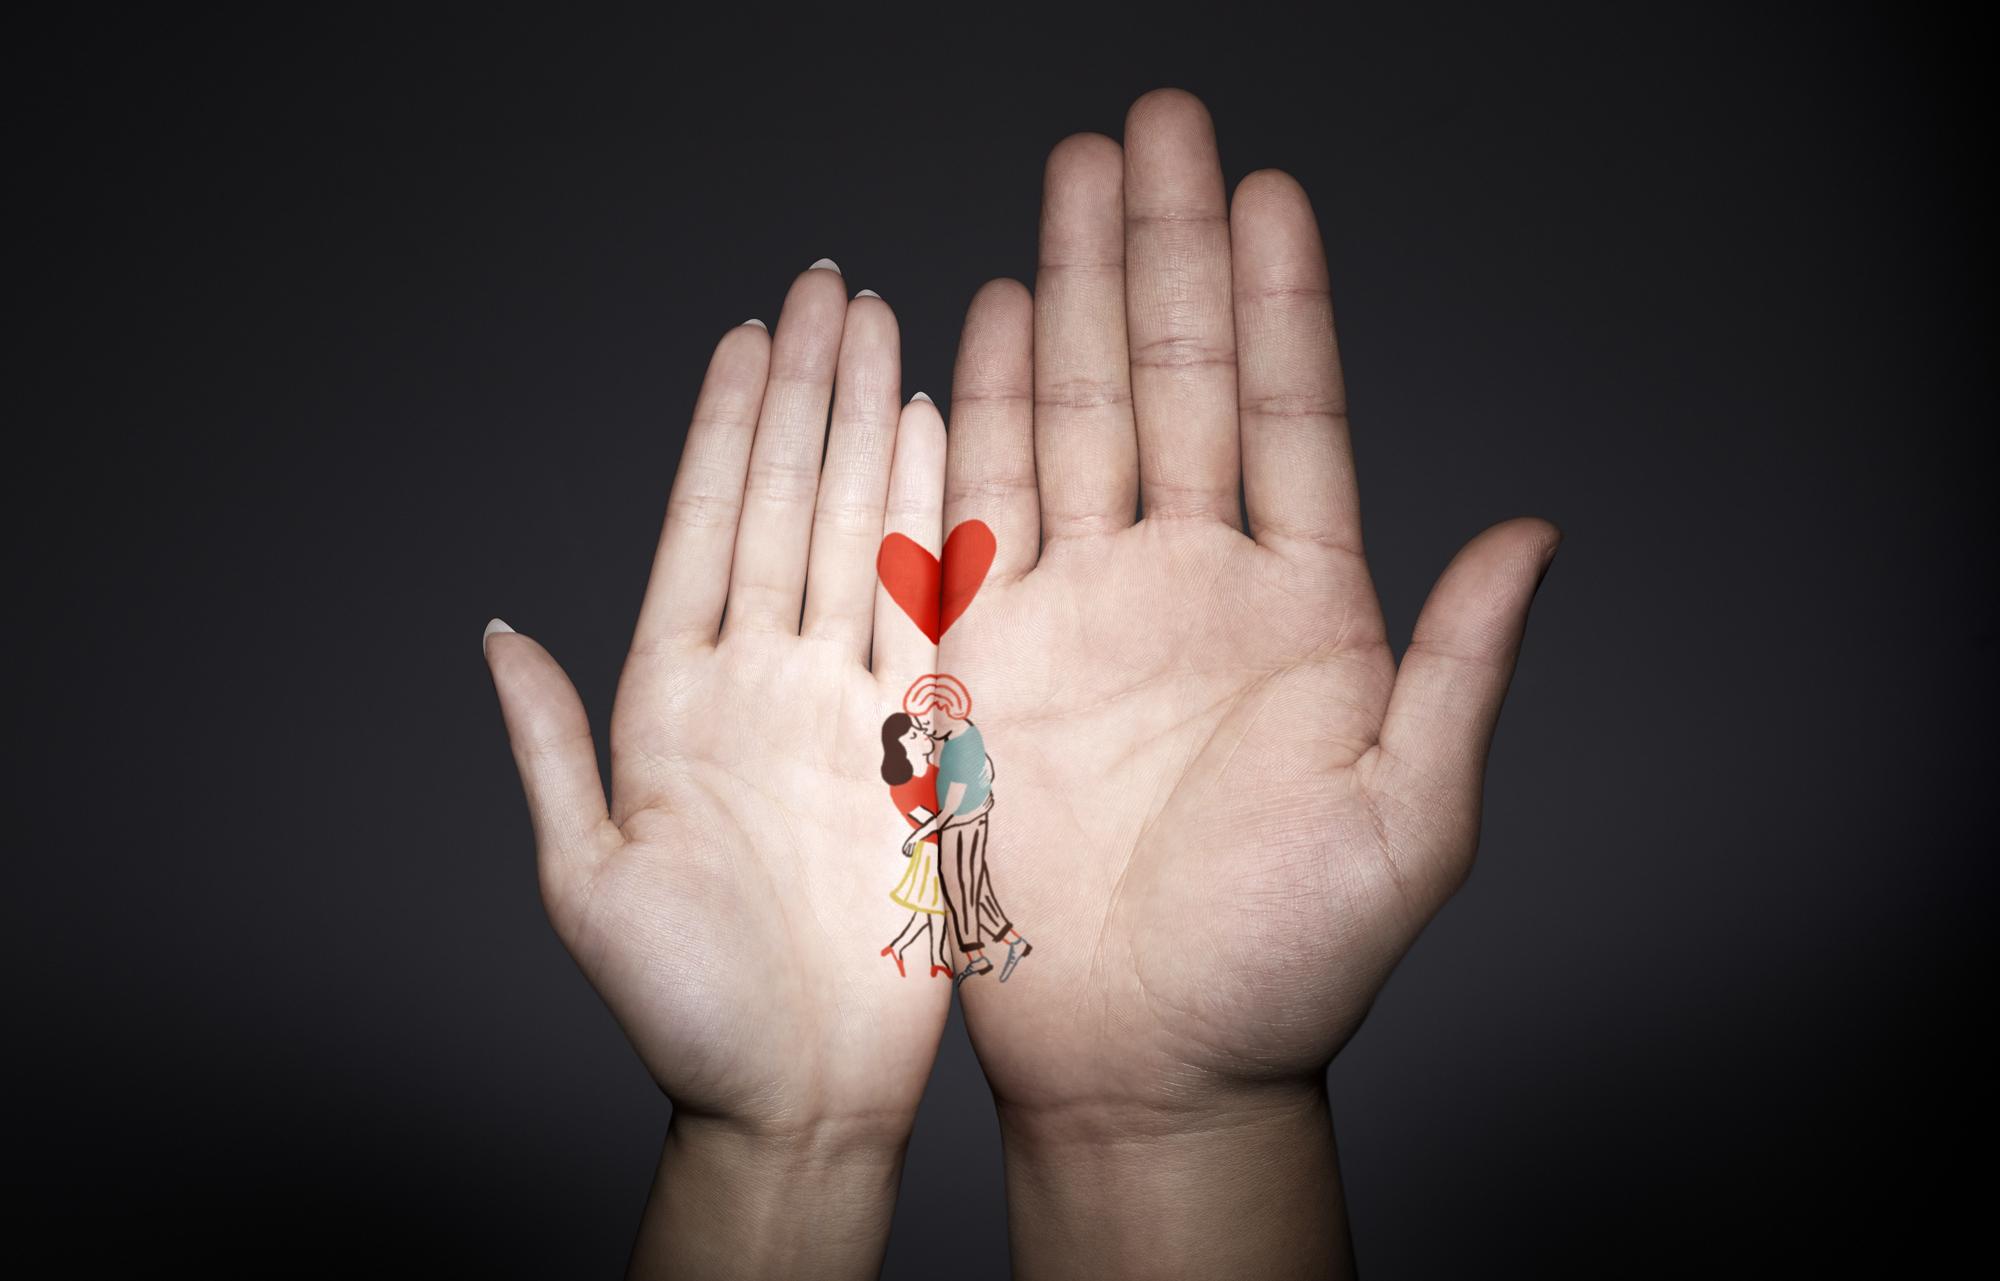 ティファニーから、すべての愛し合うふたりへ。体験型イベント『Hand meets Hand』_1_1